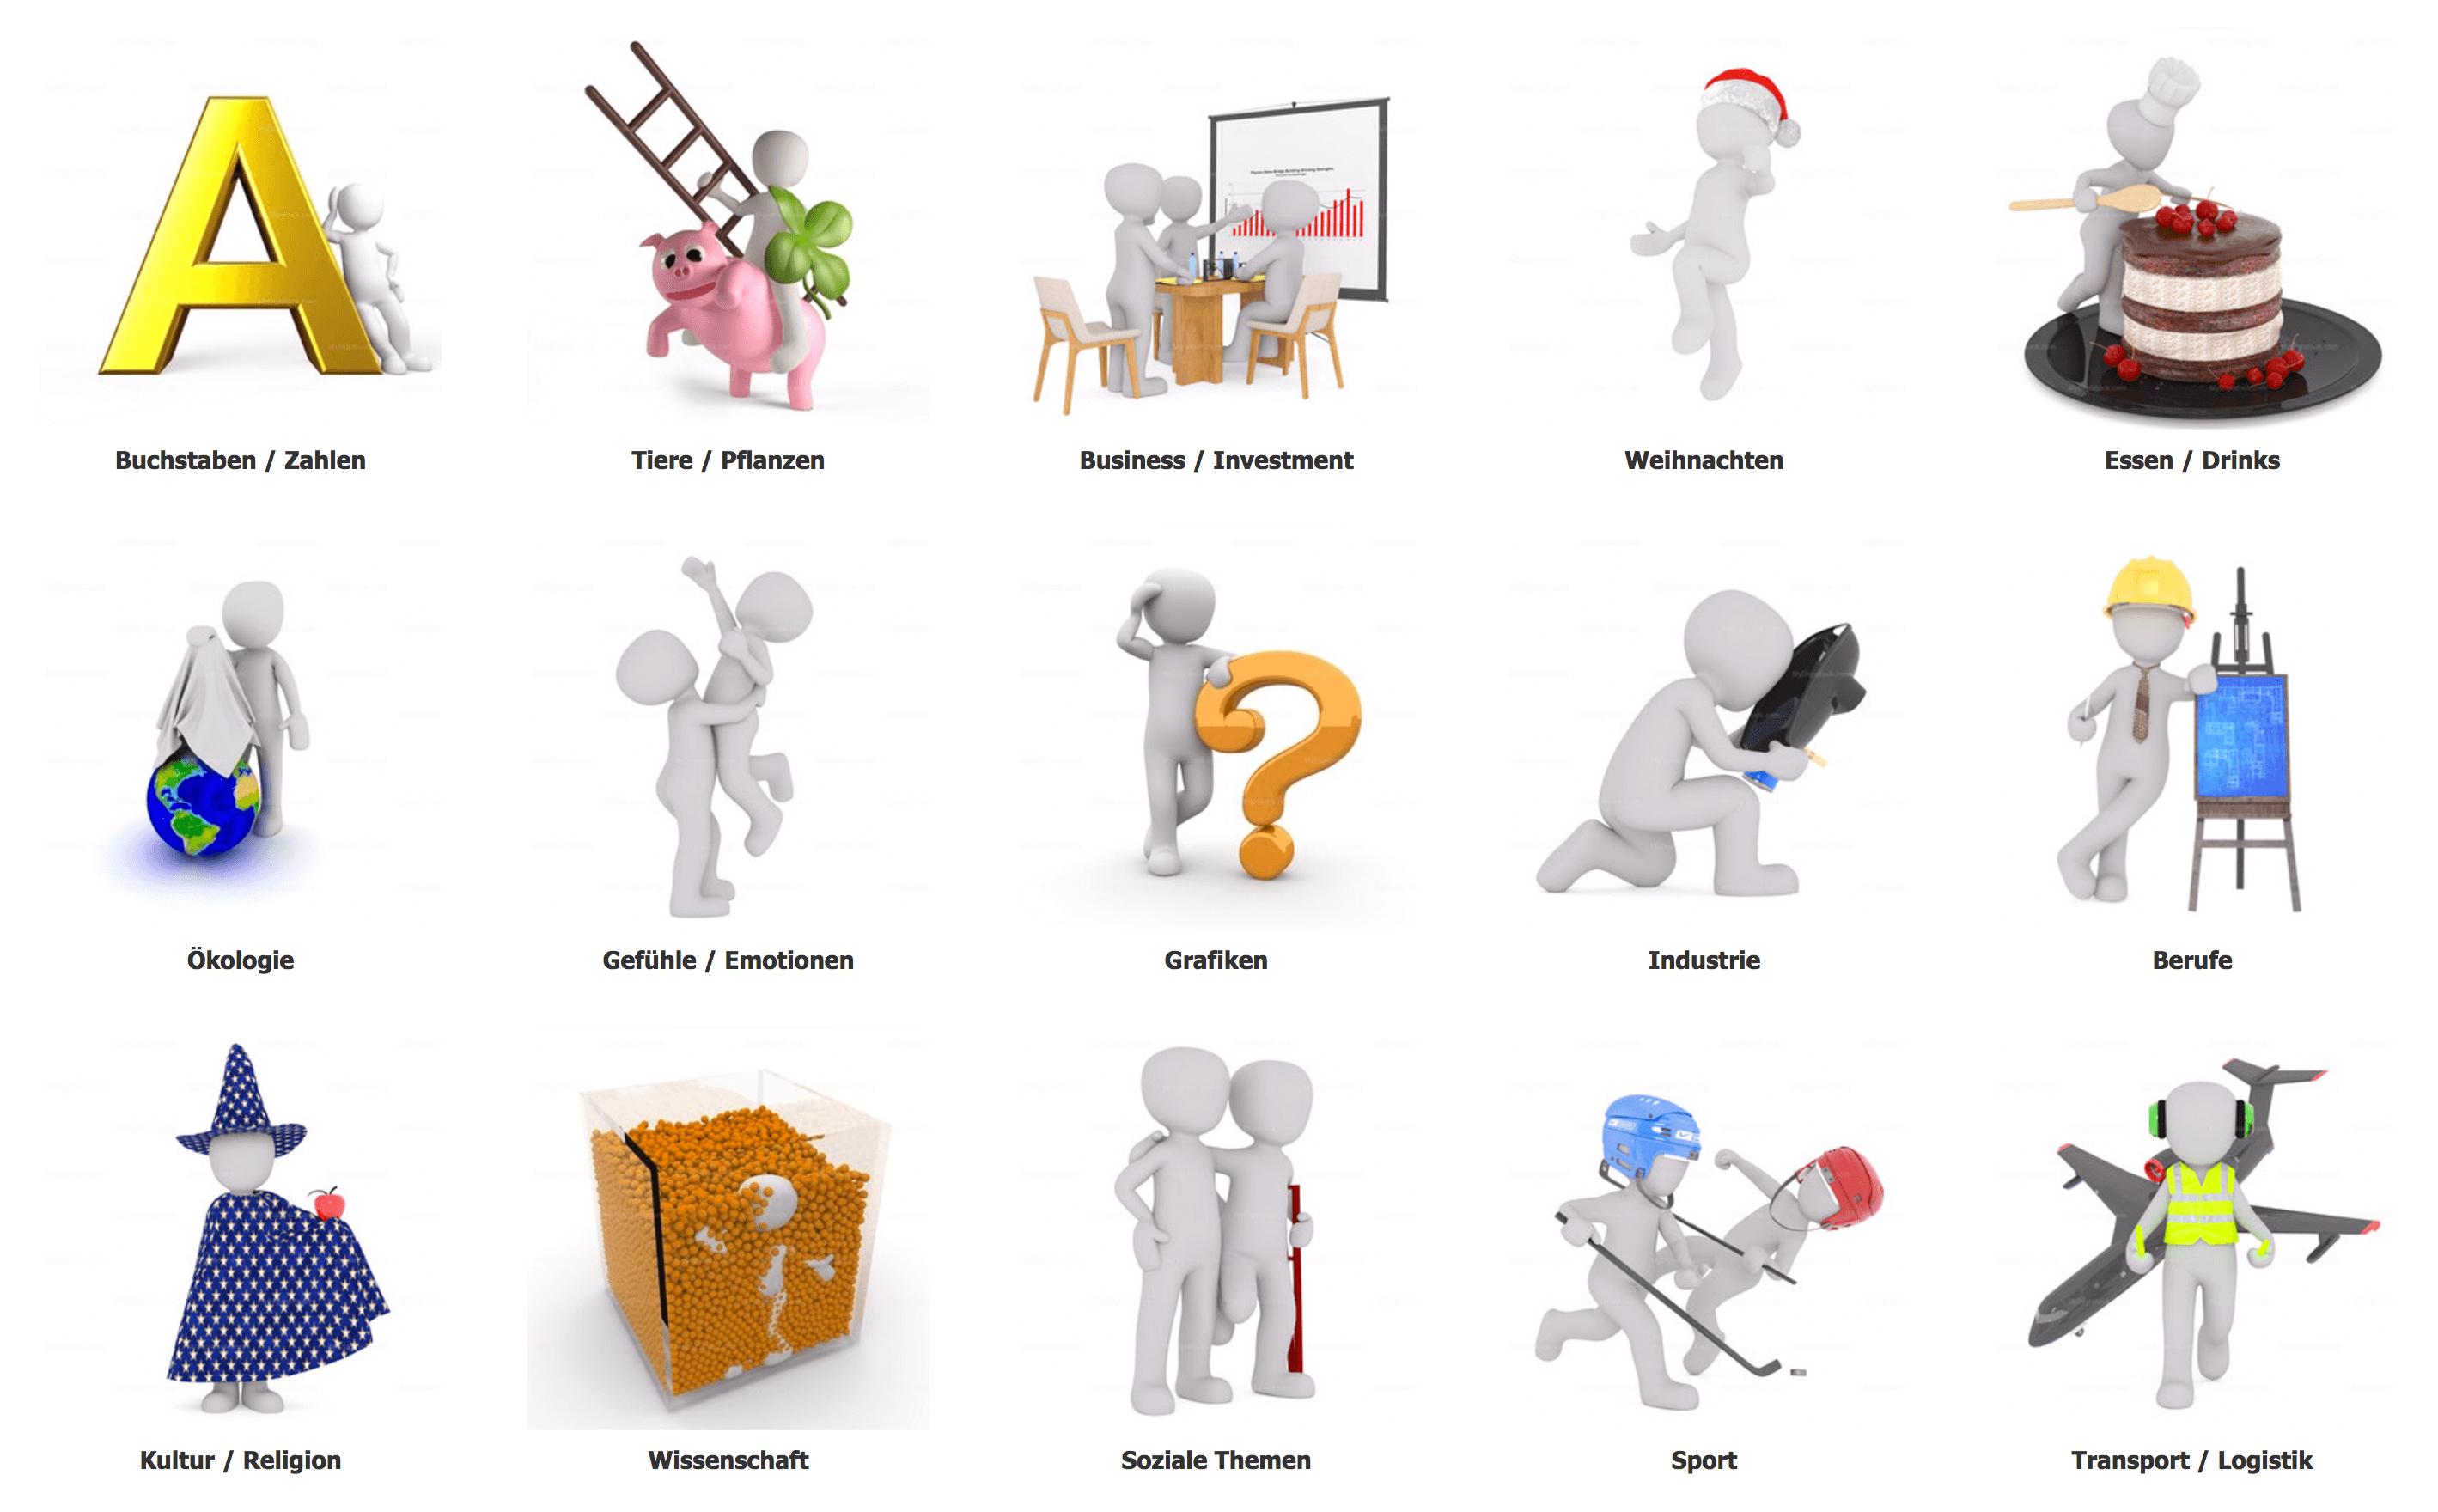 3D Männchen als Illustrationen.